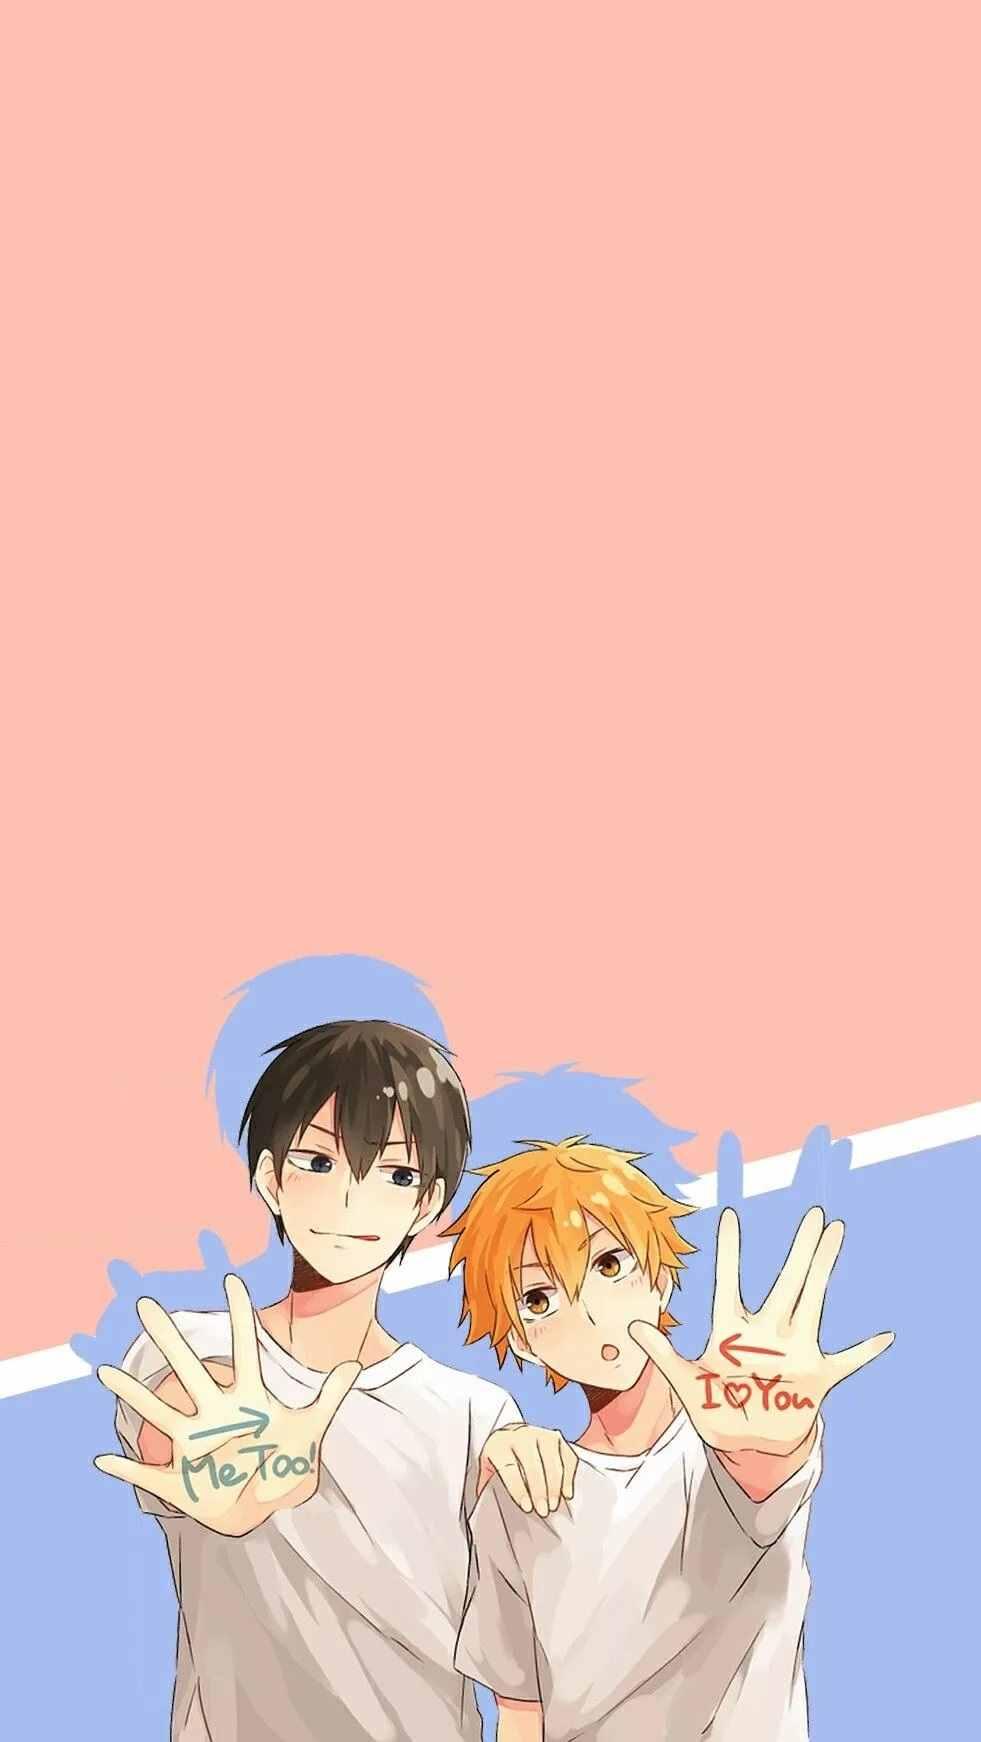 Прикольные аватарки для друзей любящие аниме 11